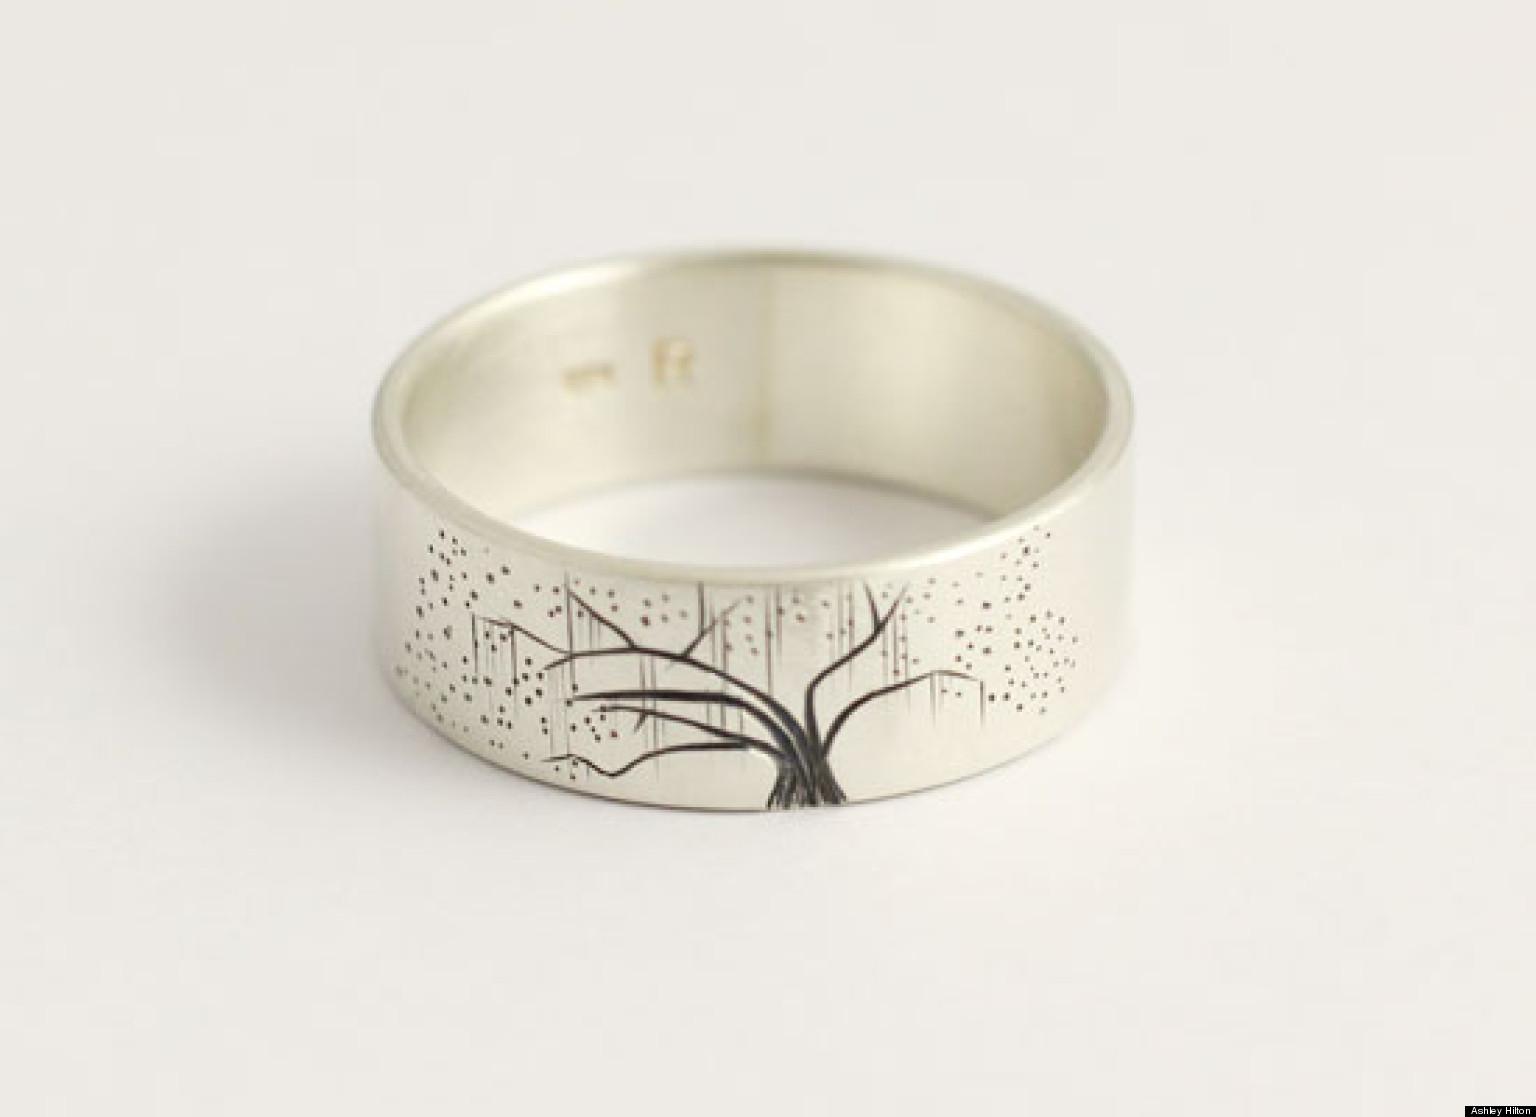 Wedding Trailblazers: New Zealand Jewelry Company Designs